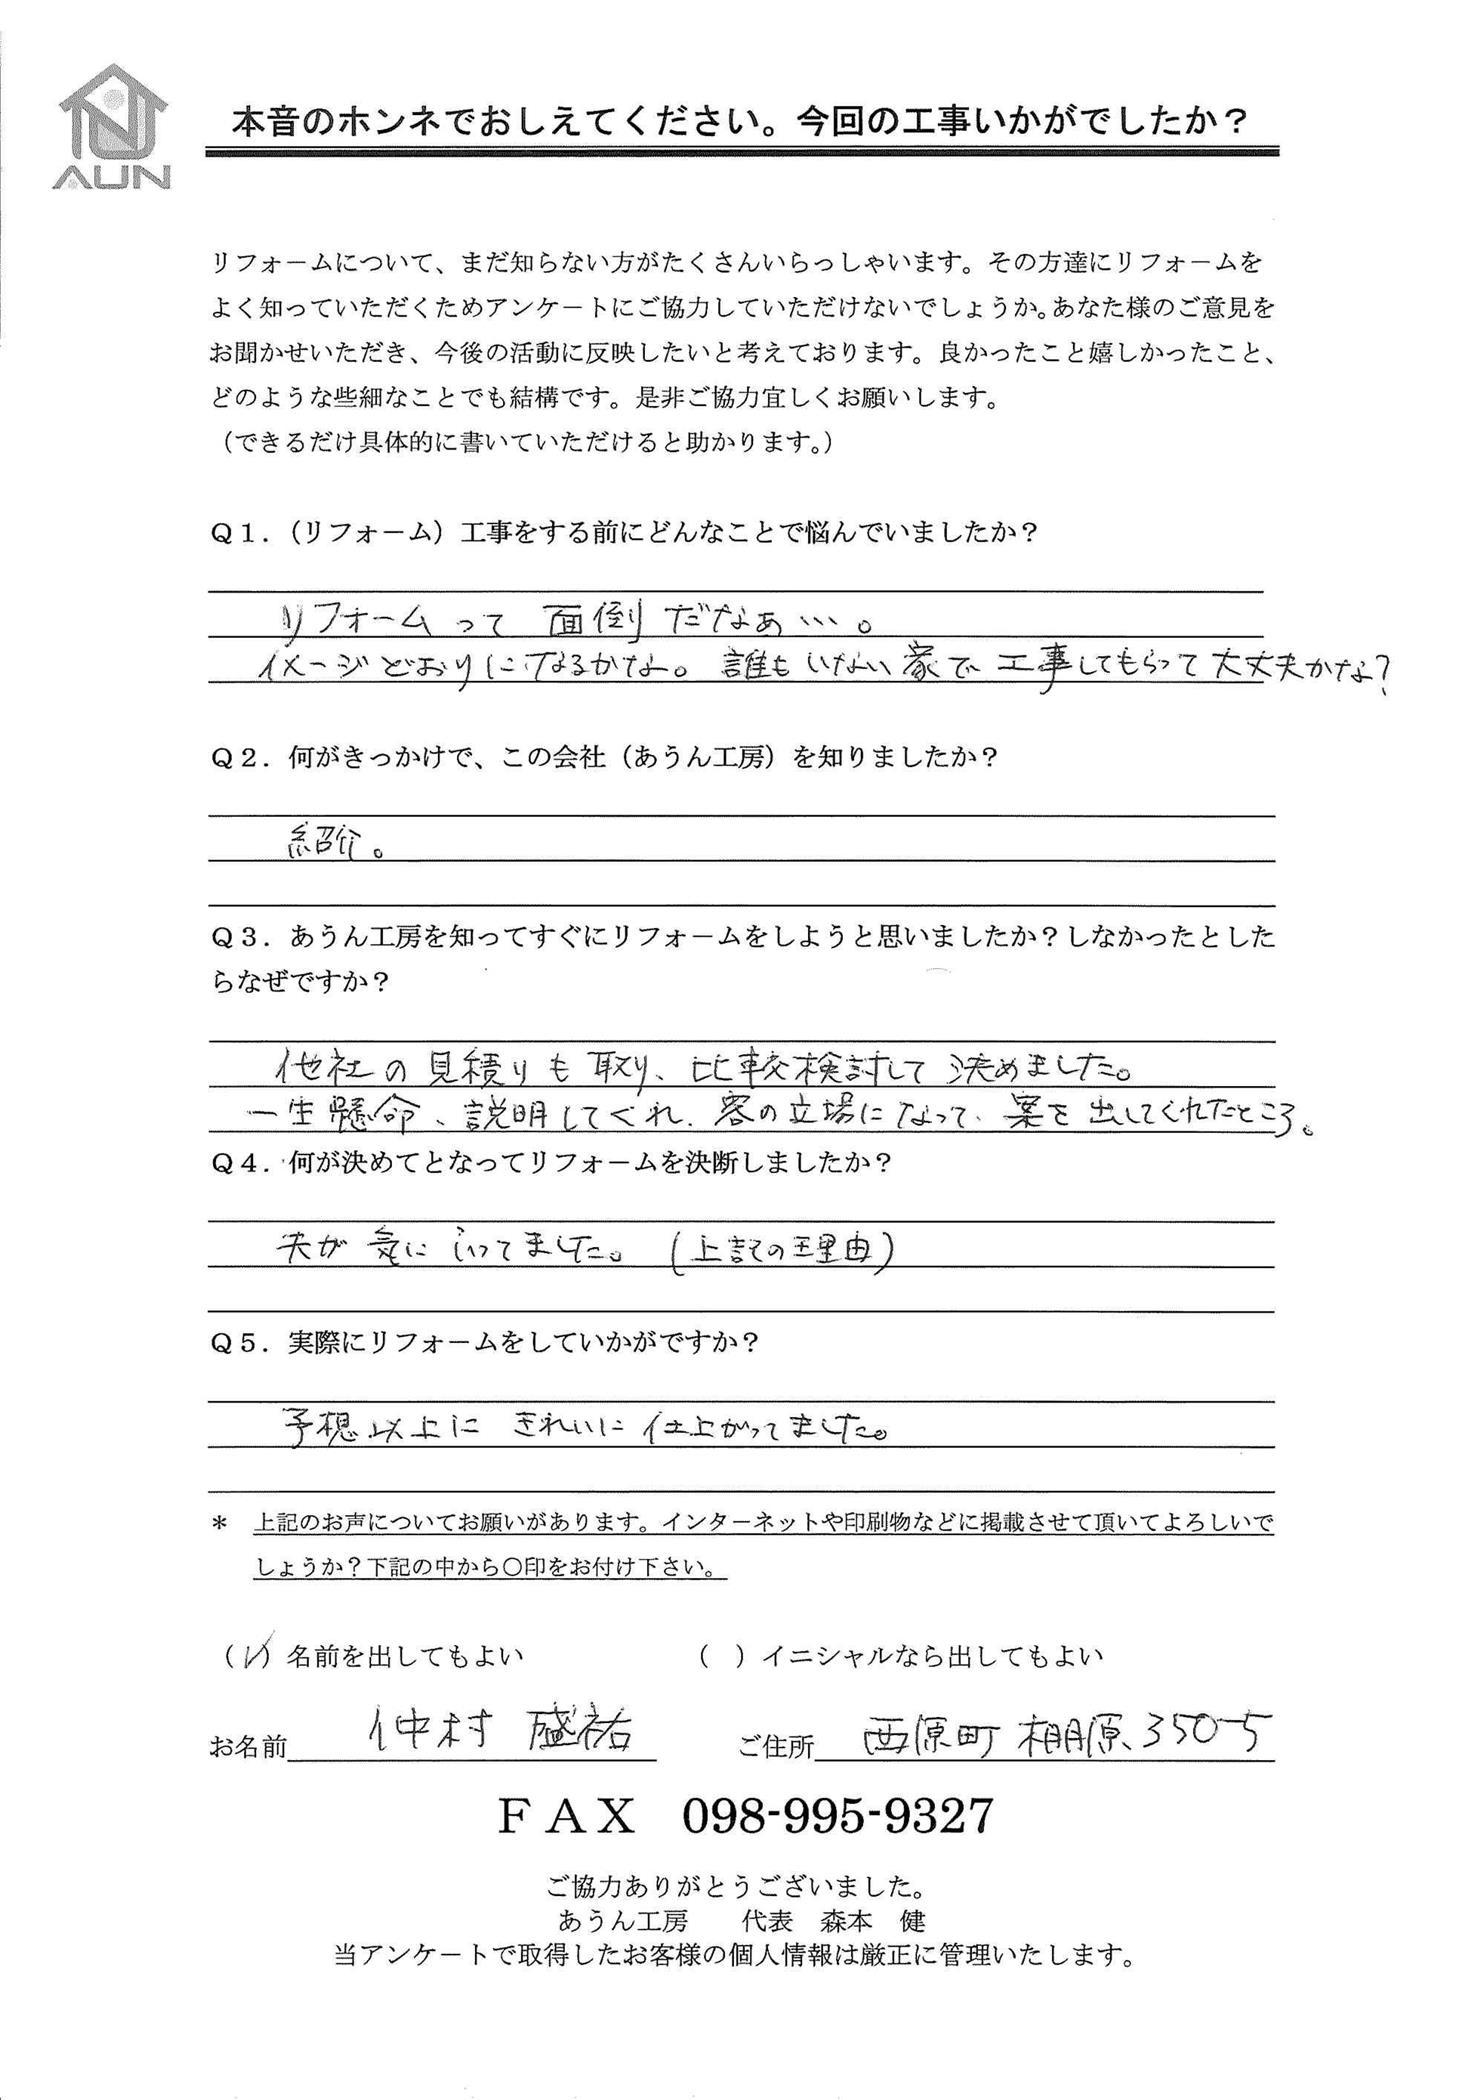 沖縄・那覇のリフォーム 実際のアンケートの画像:2回目の依頼です。